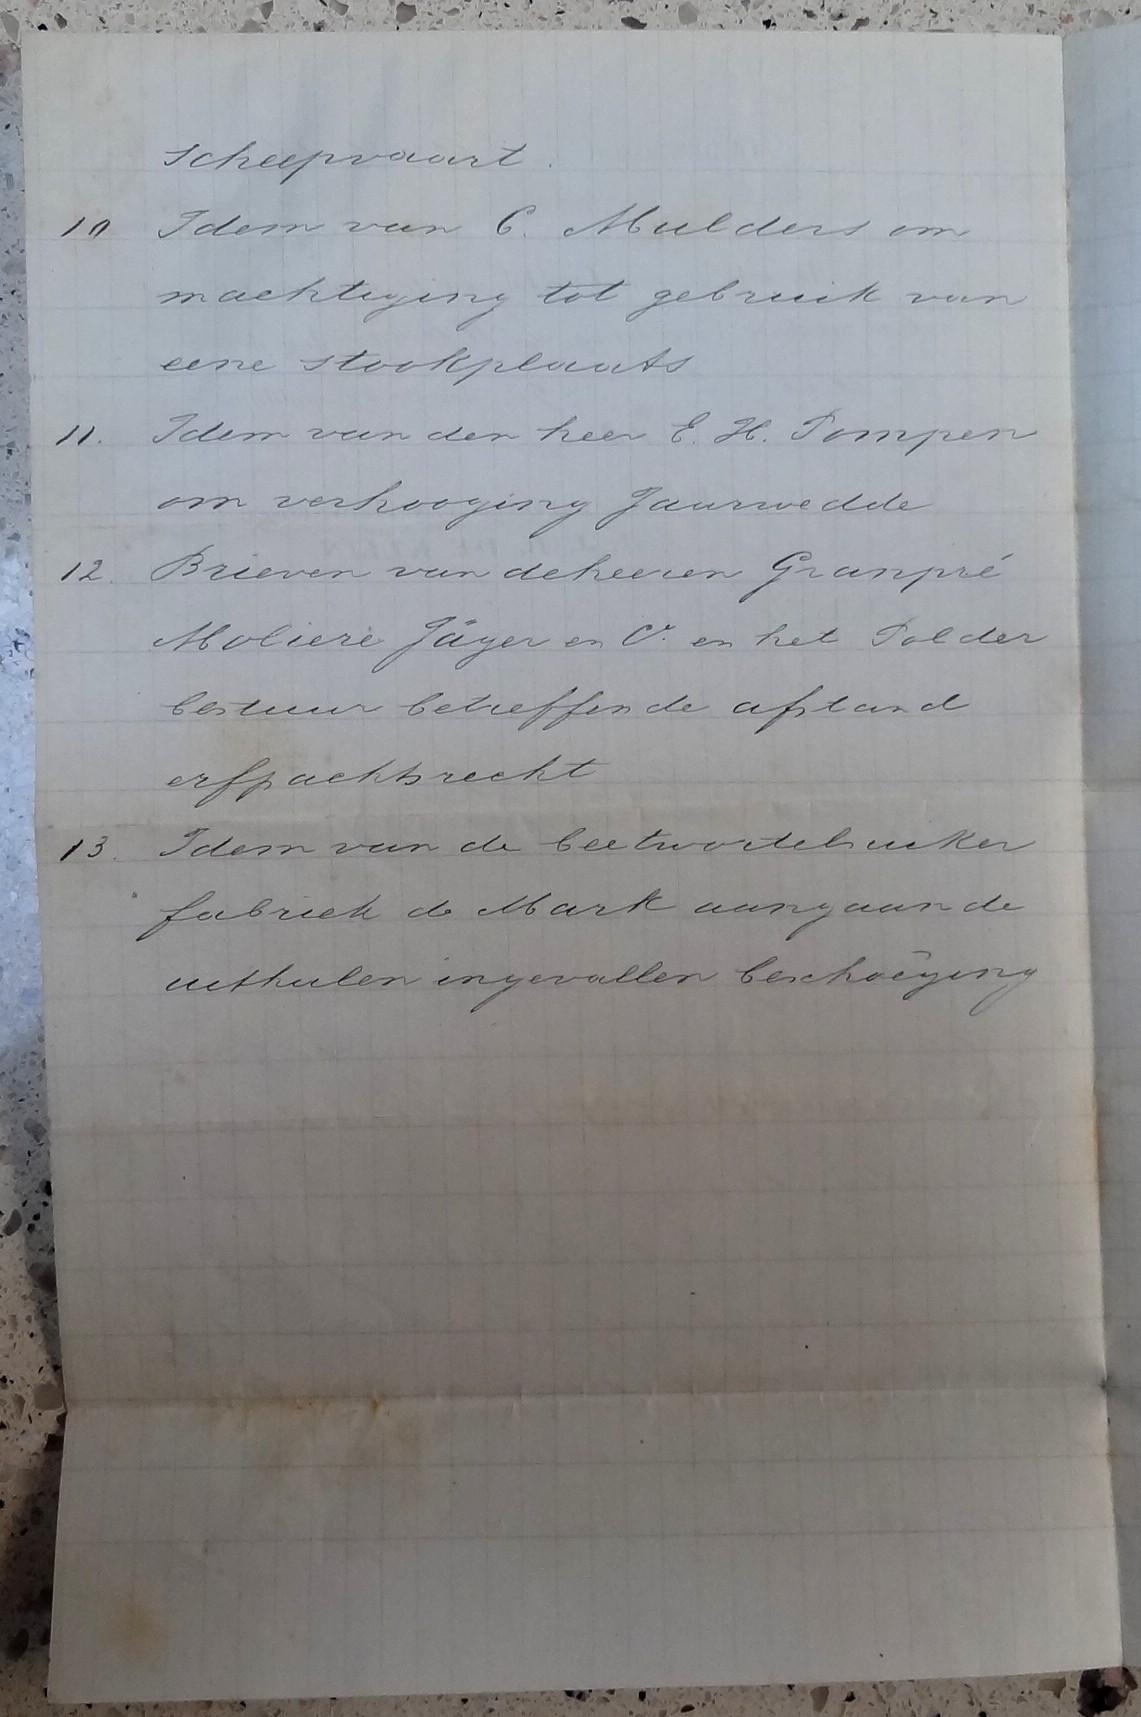 Burgemeester J.J.B. de Klijn, Oudenbosch, briefje